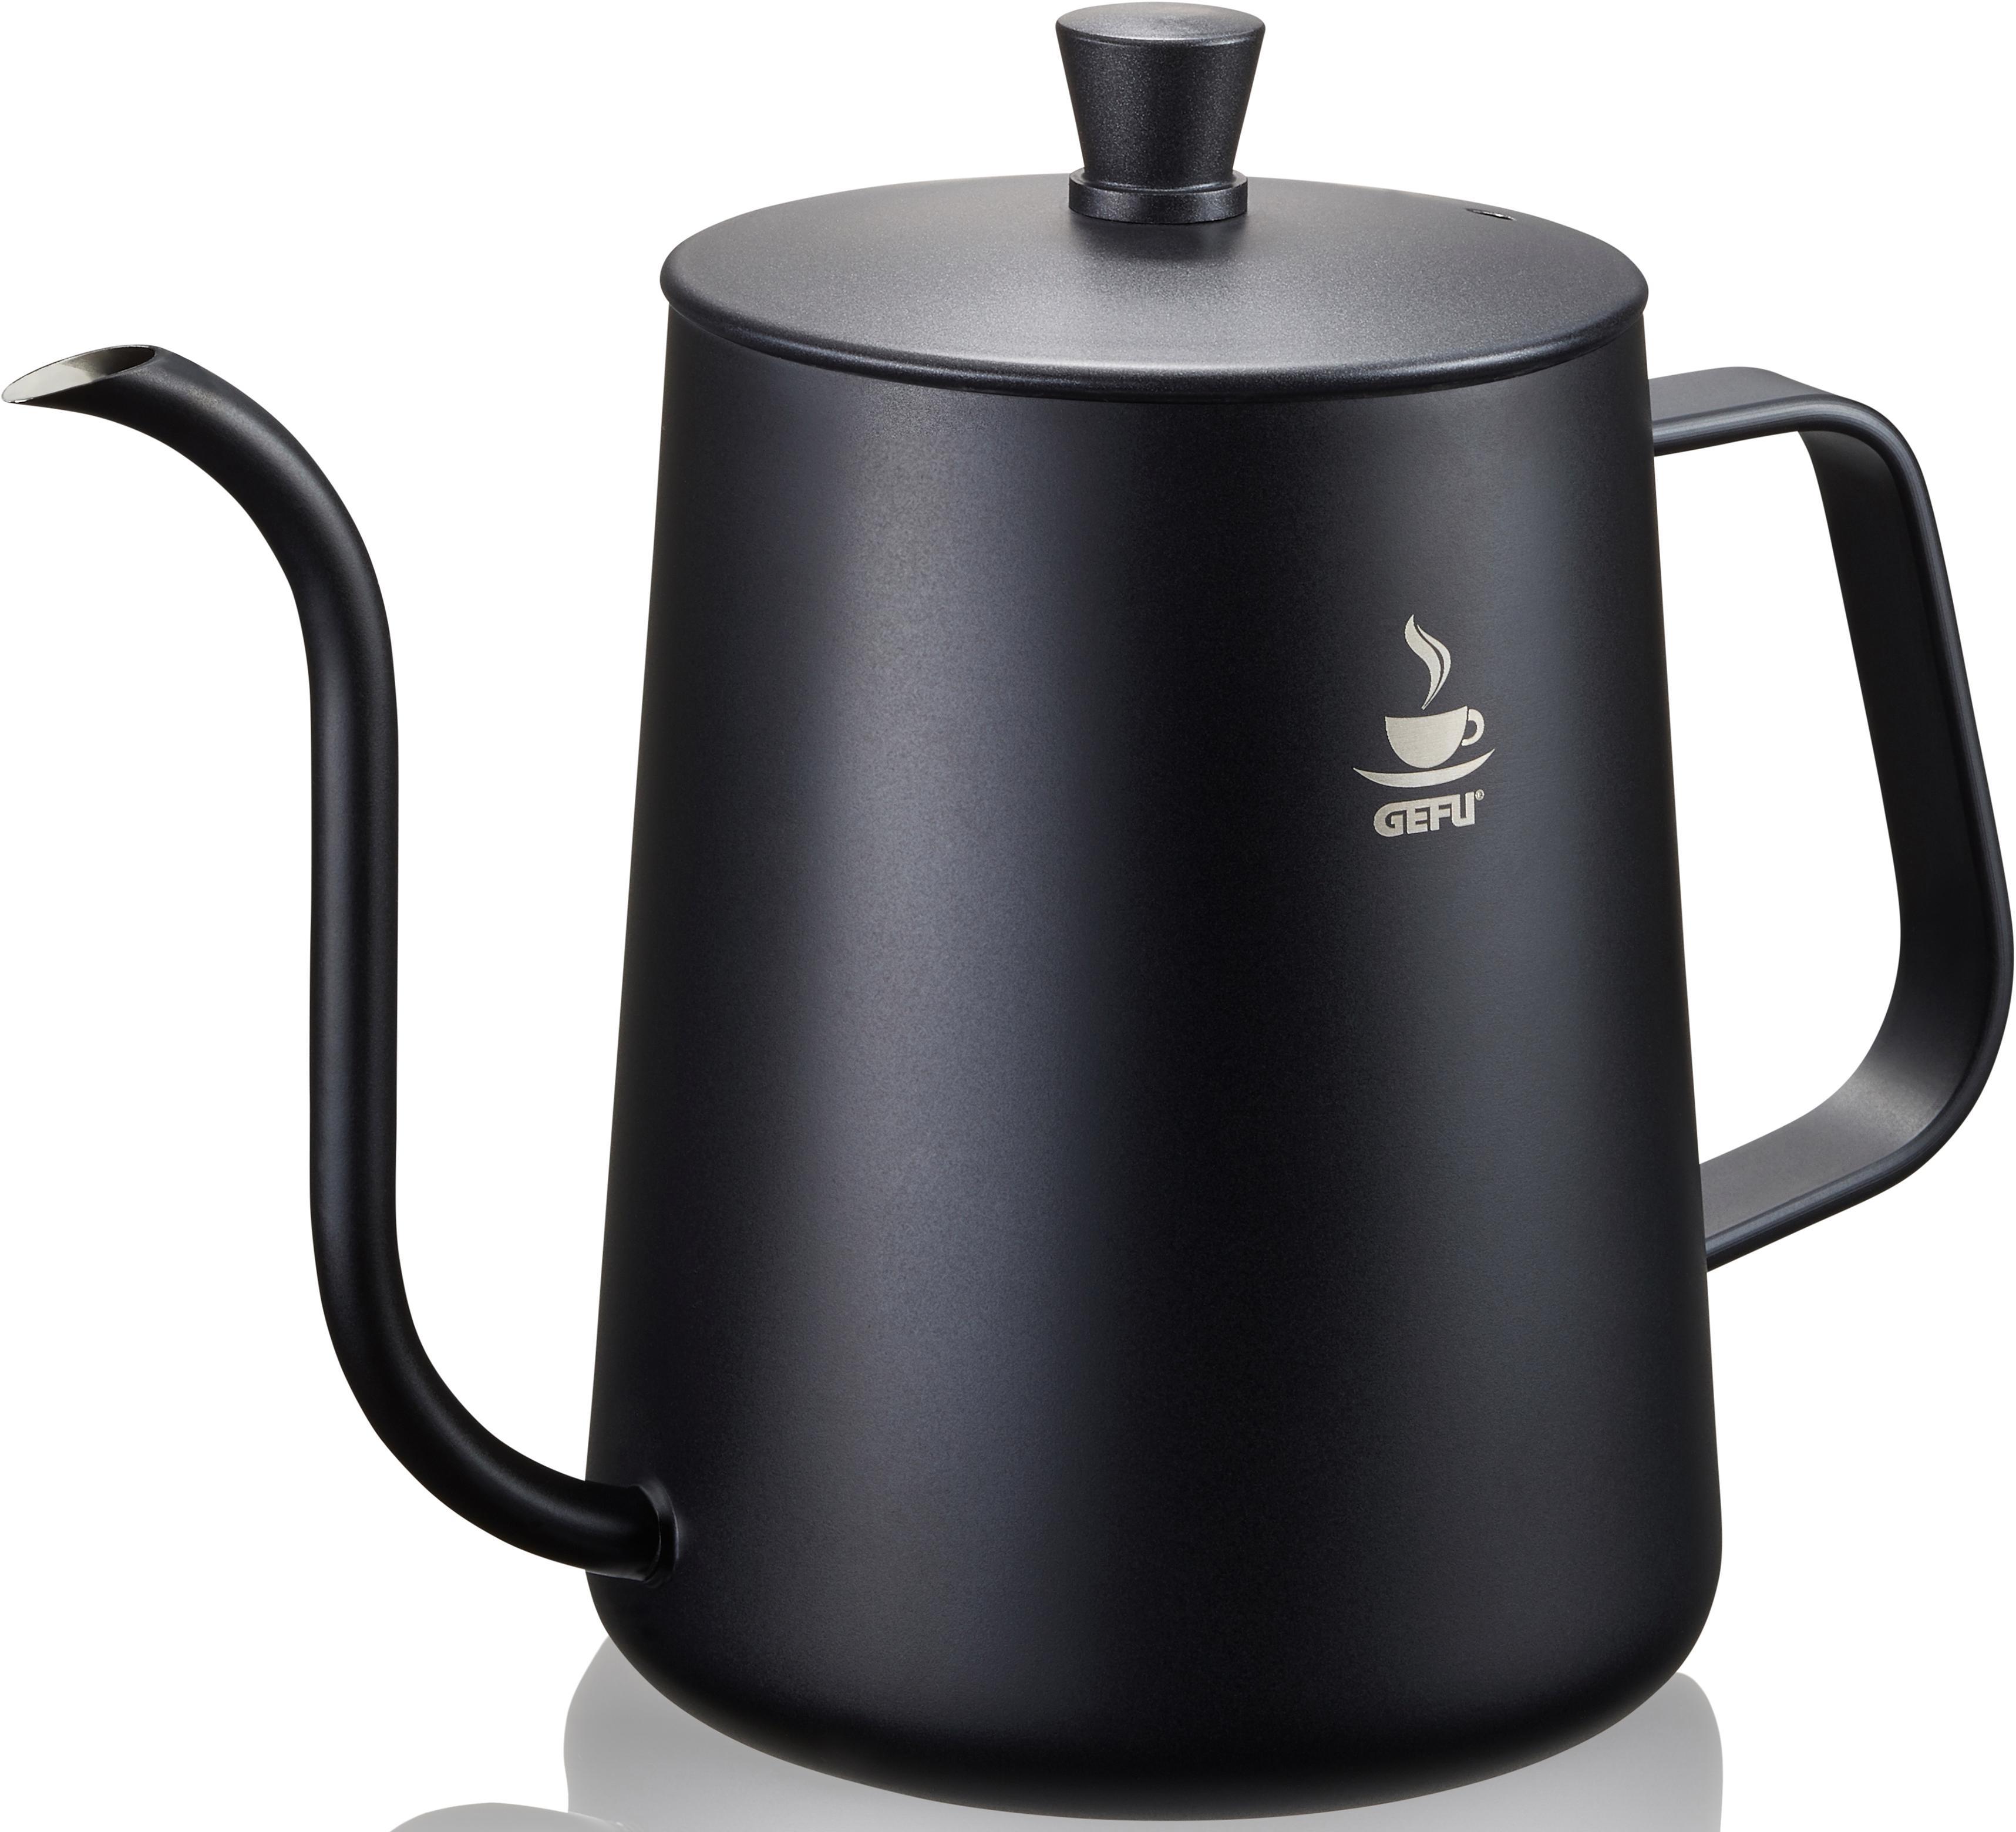 GEFU Wasserkessel Cinero (1-tlg)   Küche und Esszimmer > Küchengeräte > Wasserkocher   Gefu